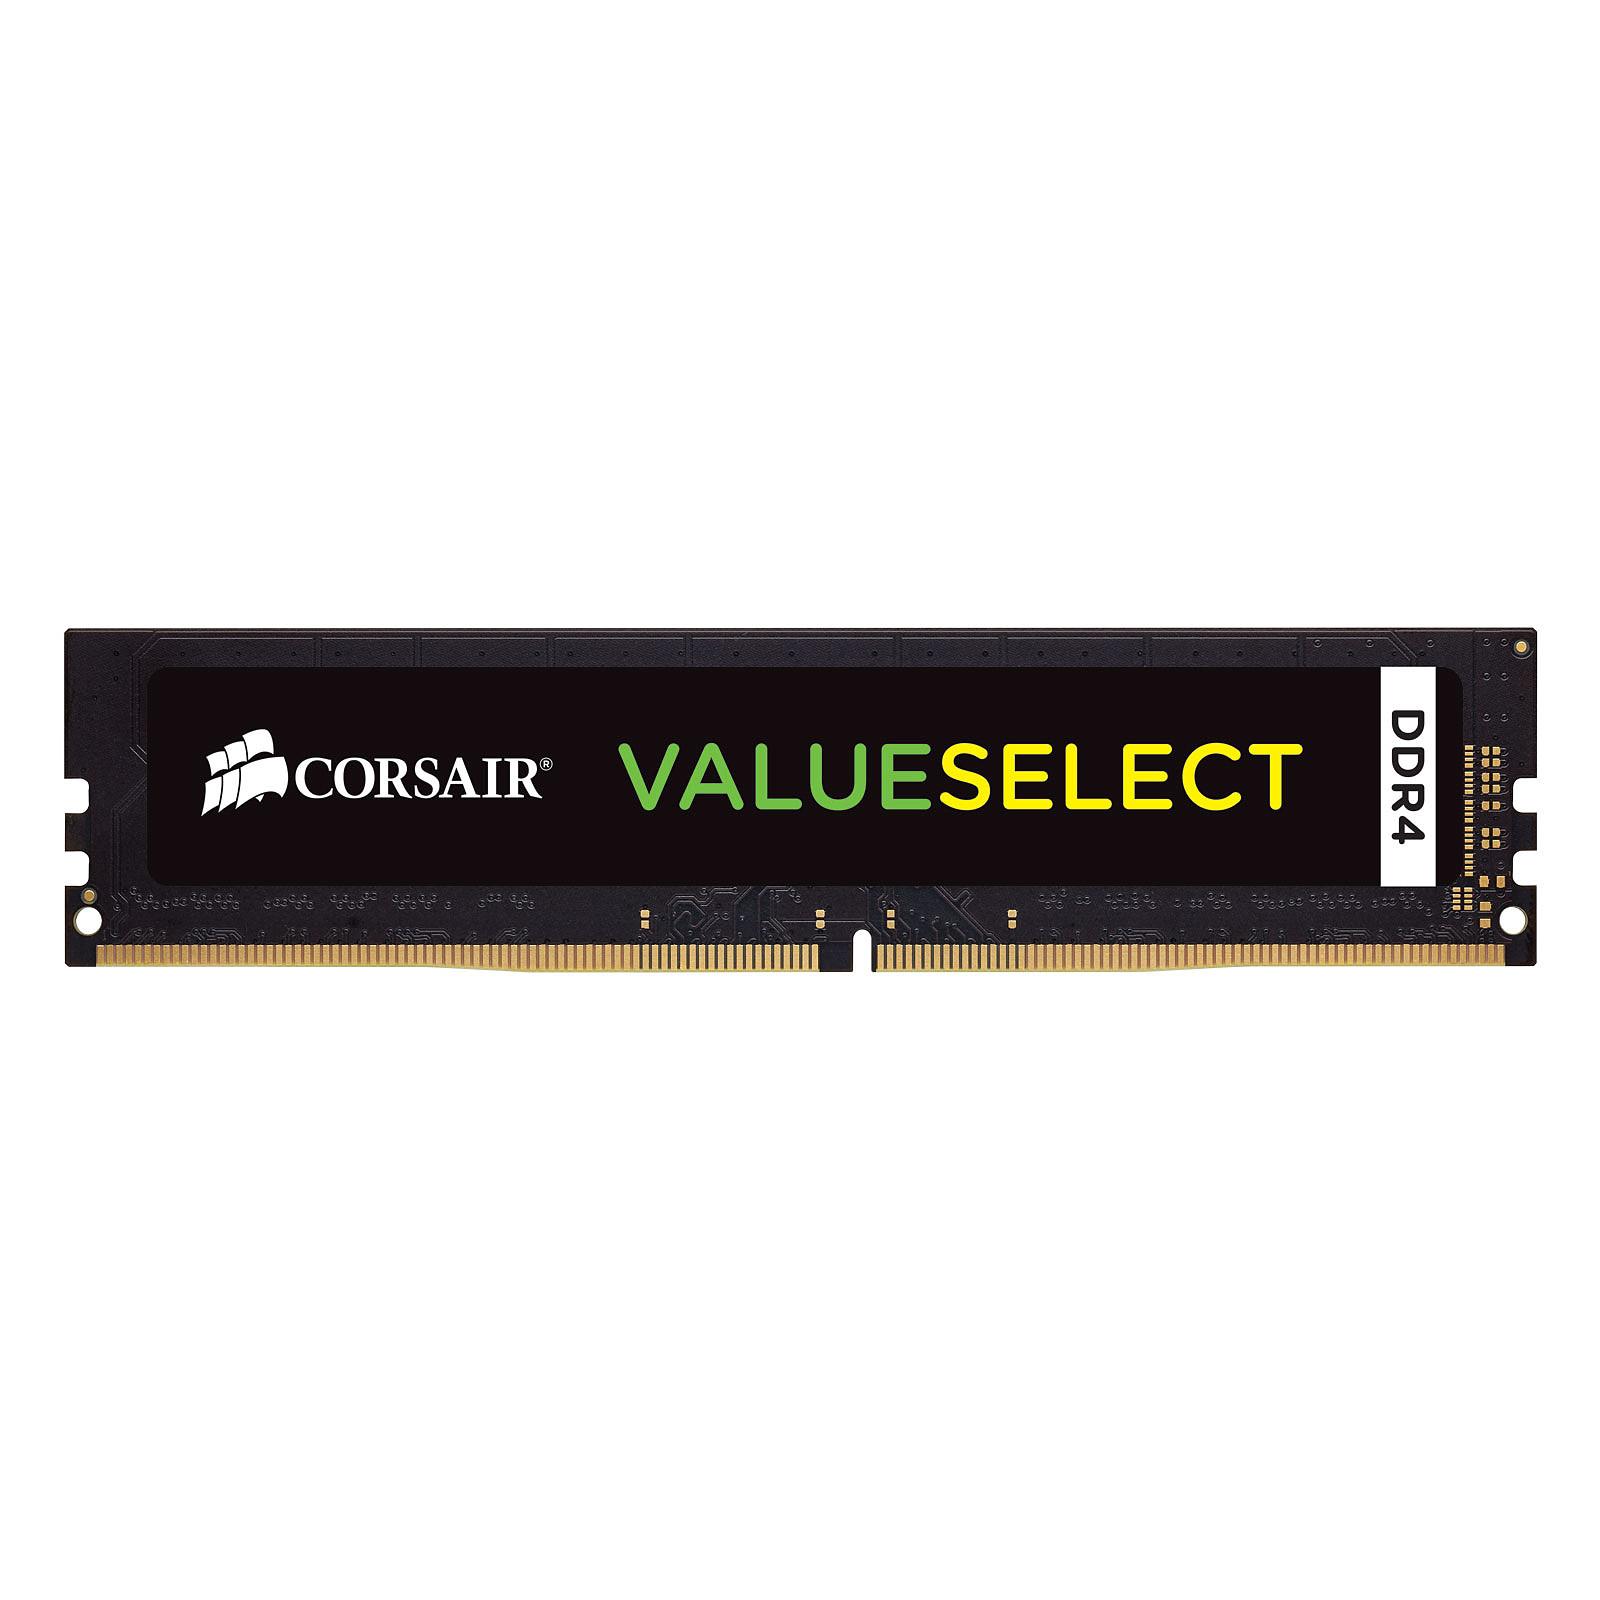 Corsair ValueSelect 4 Go DDR4 2666MHz CL18